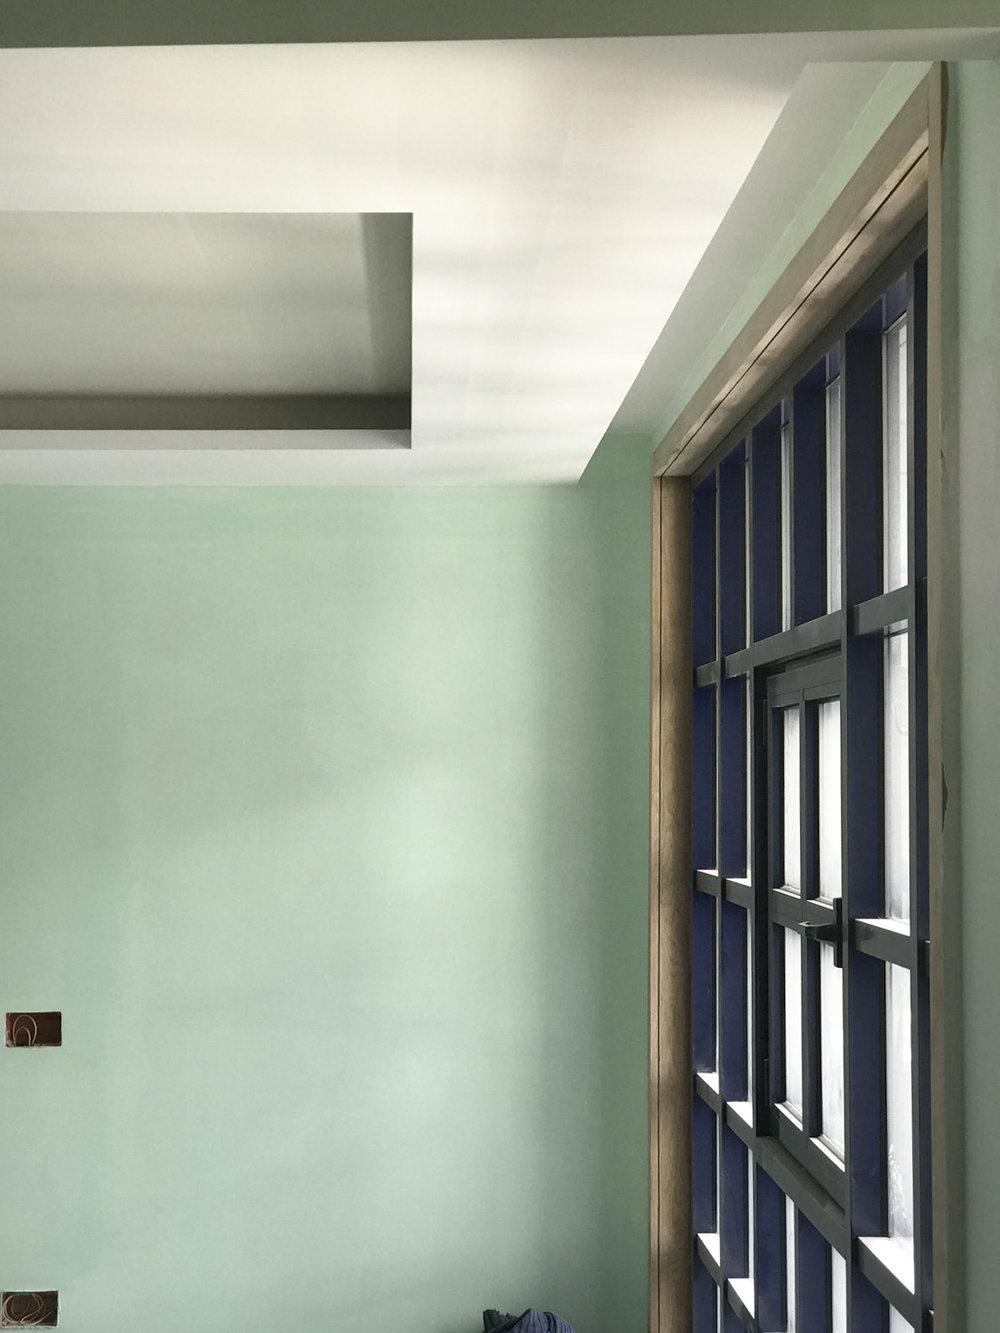 Apartamento Azul Farol - Porto - EVA evolutionary architecture - EVA atelier - Arquitecto - Remodelação (16).jpg